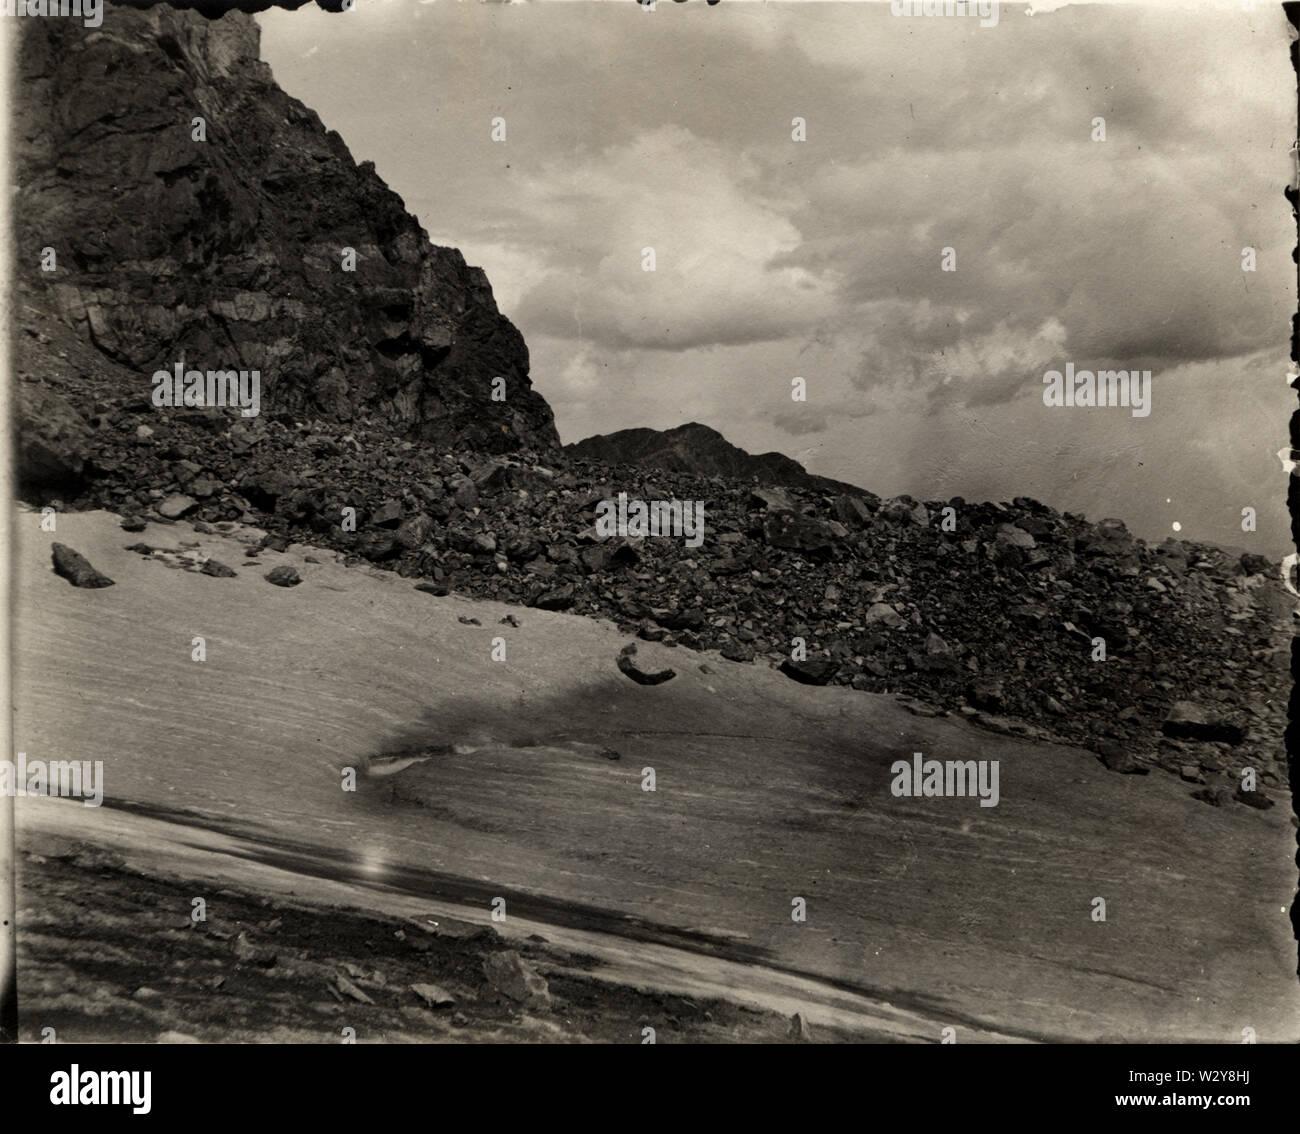 Photo ID: arapaho henderson 036 Glacier Name: Arapaho